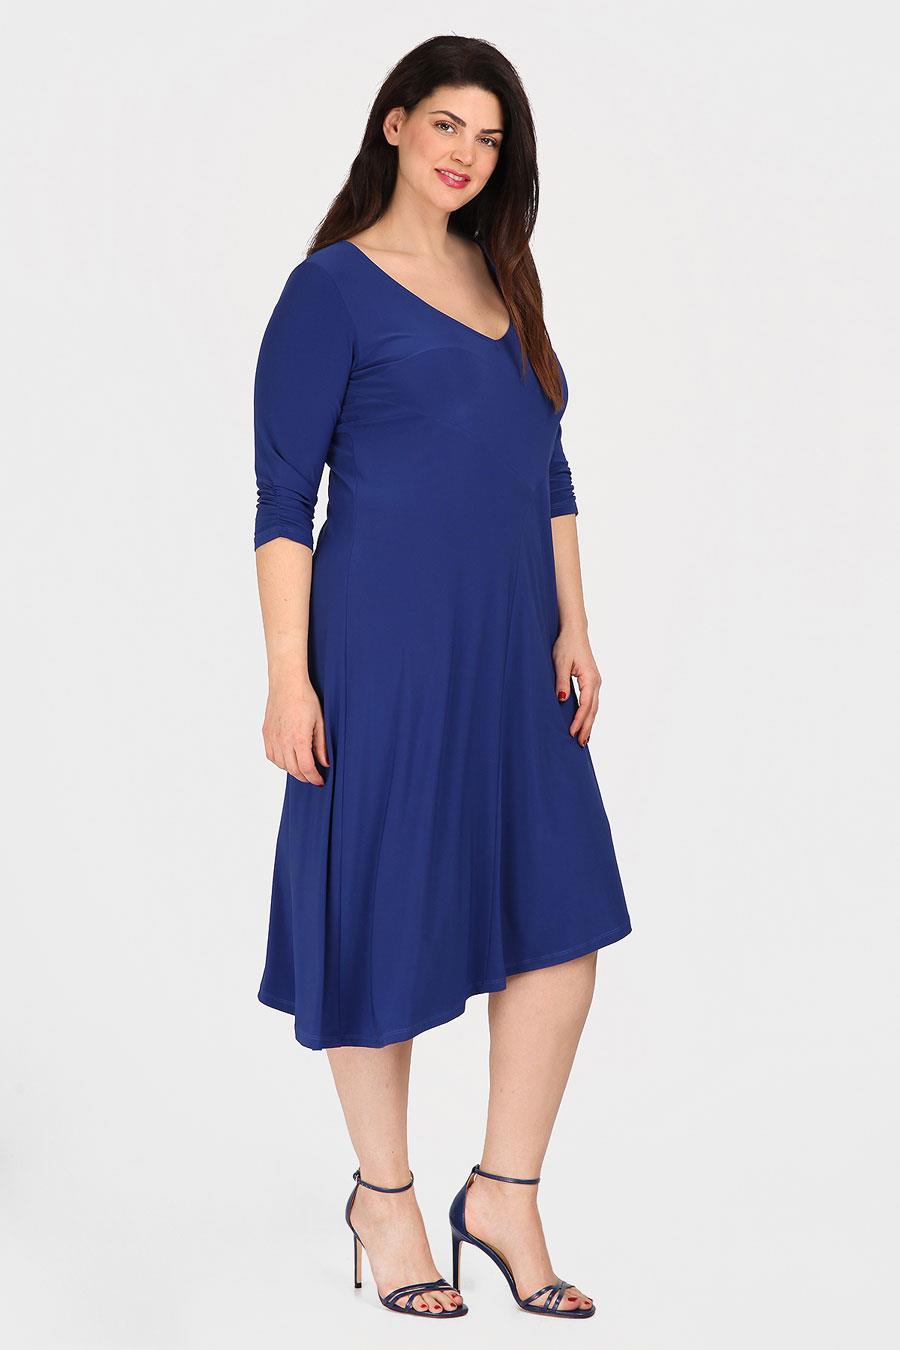 78d52711c vestidos moda primavera verano 2019 para gorditas azul. Vestido midi en  color azul marino